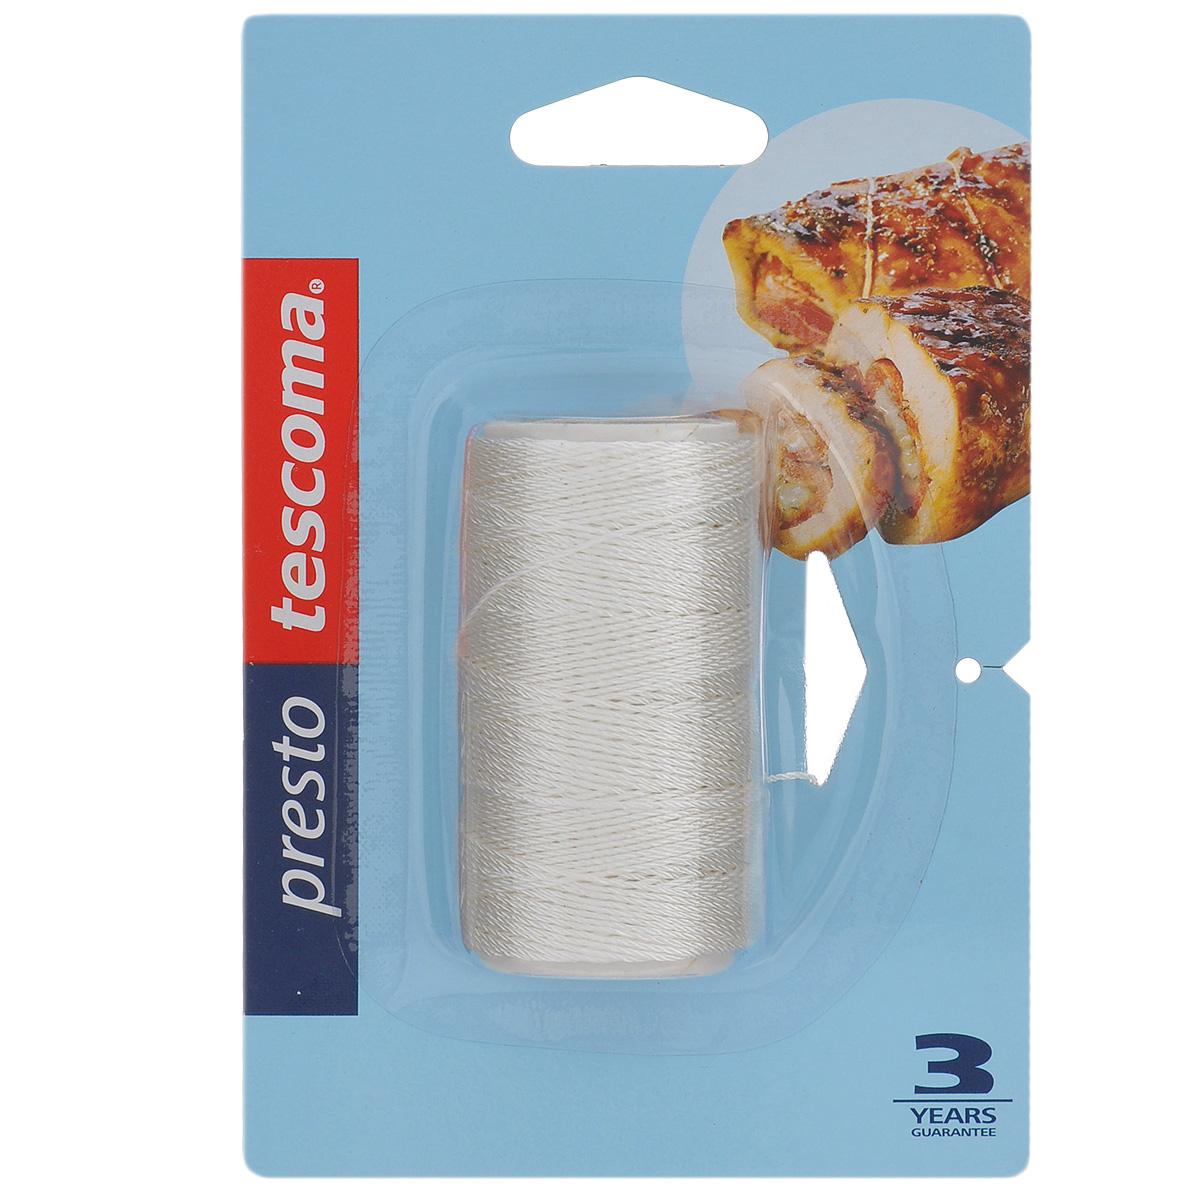 Веревка для выпечки Tescoma Presto, 40 м115510Веревка Tescoma Presto отлично подходит для связывания мясных рулетов, птицы, овощей, выпечки, жарки, варки и обрабатывания паром. Изготовлена из прочного волокна, выдерживает температуру до 250°C, подходит для всех типов печей, в том числе СВЧ.